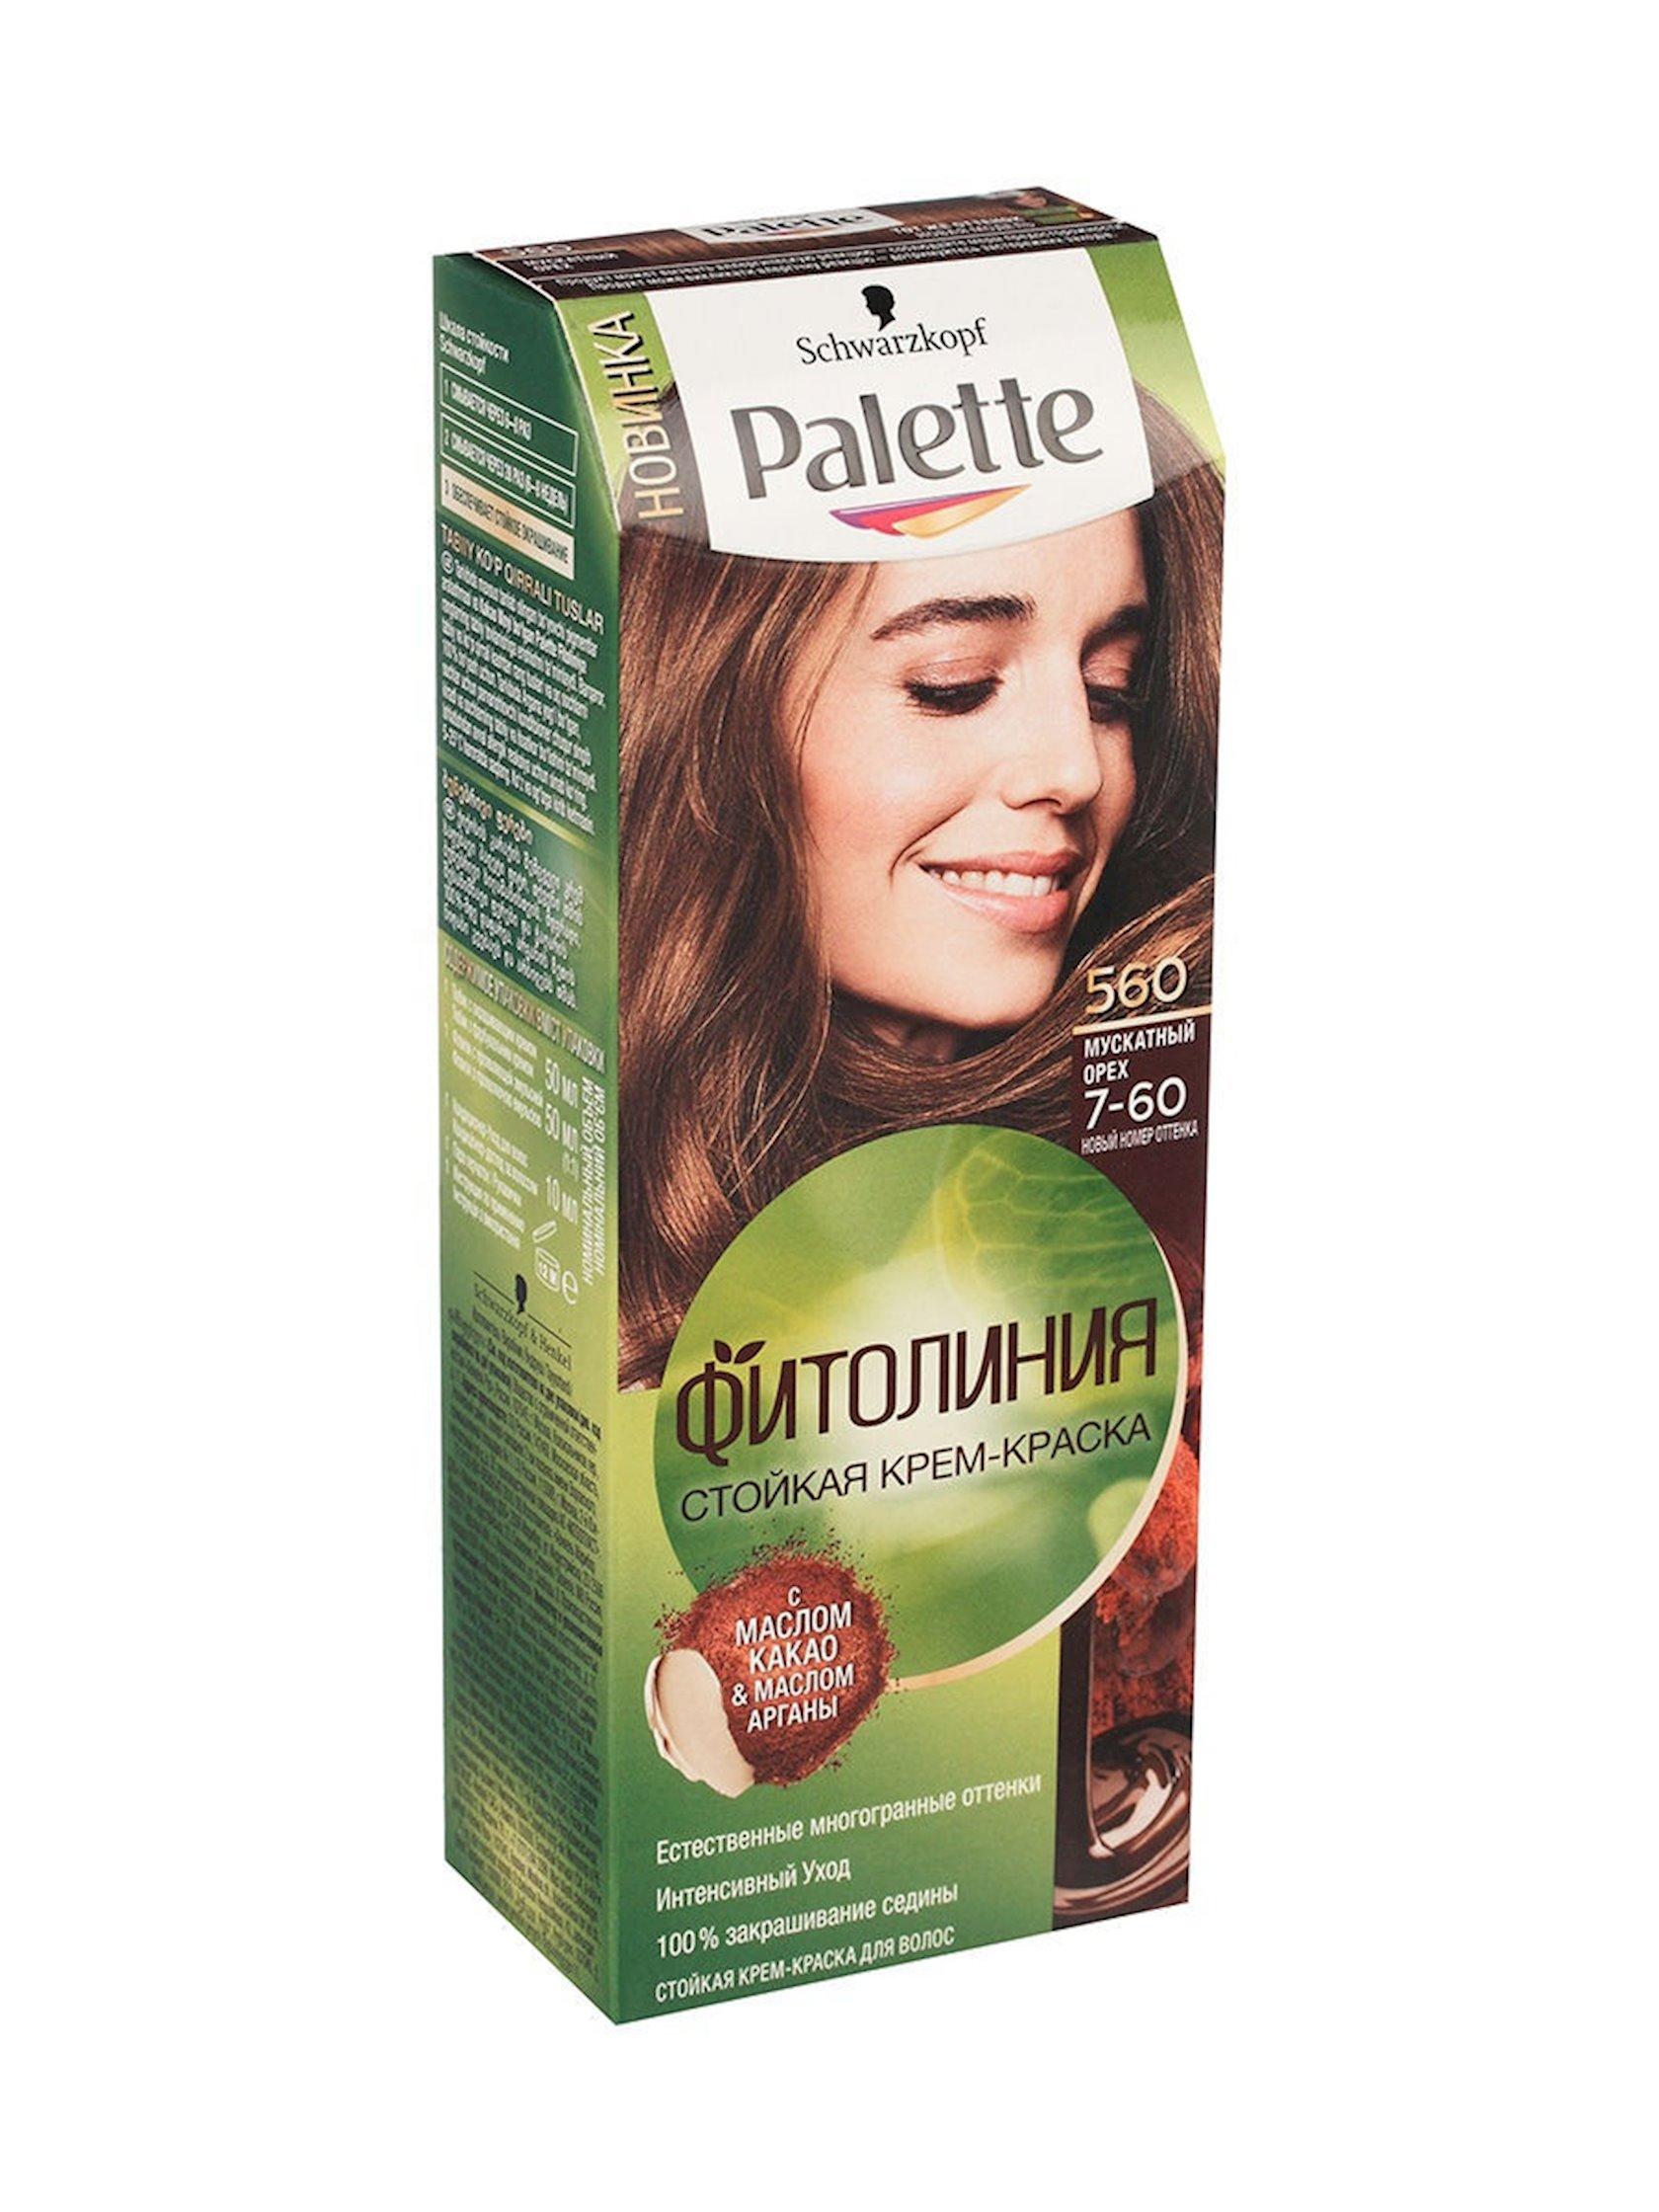 Saç boyası Palette Fitoliniya 560 (7-60) Müşkqozu 110 ml